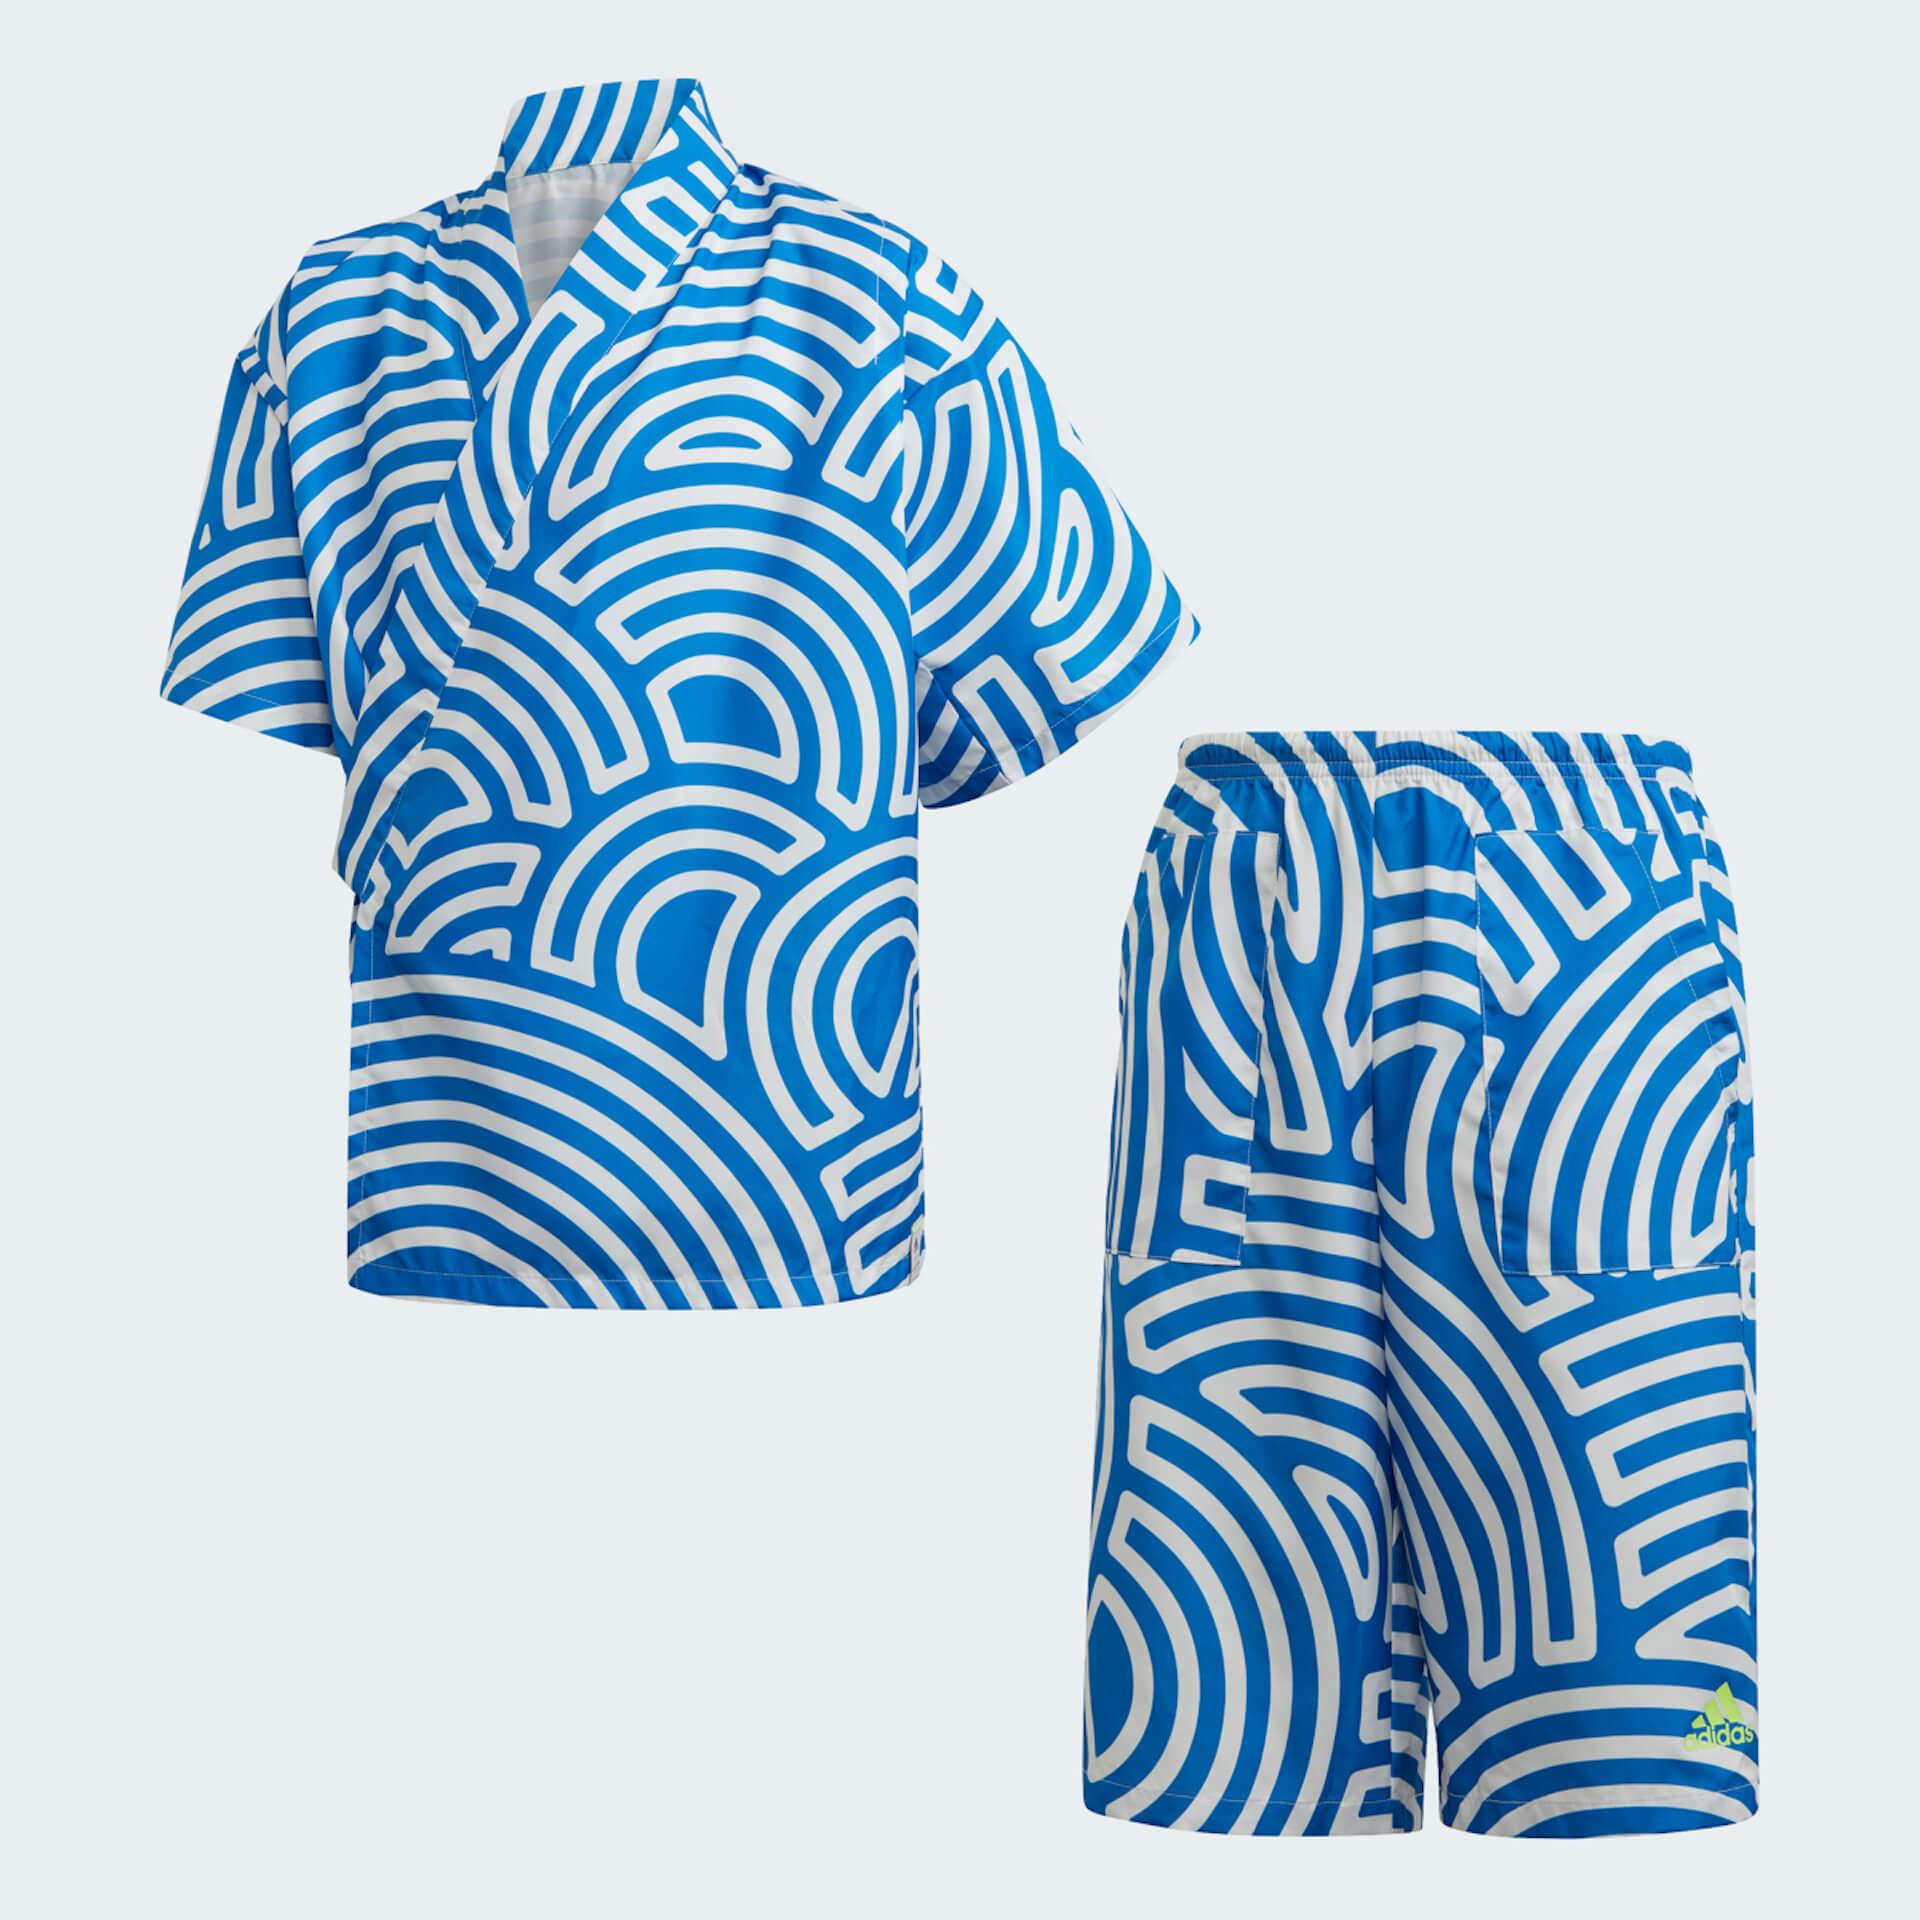 アディダス初の法被ジャケットと浴衣ジャケットが登場!高橋理子とのコラボコレクション『HIROKO TAKAHASHI COLLECTION』が販売開始 music210611_adidas14